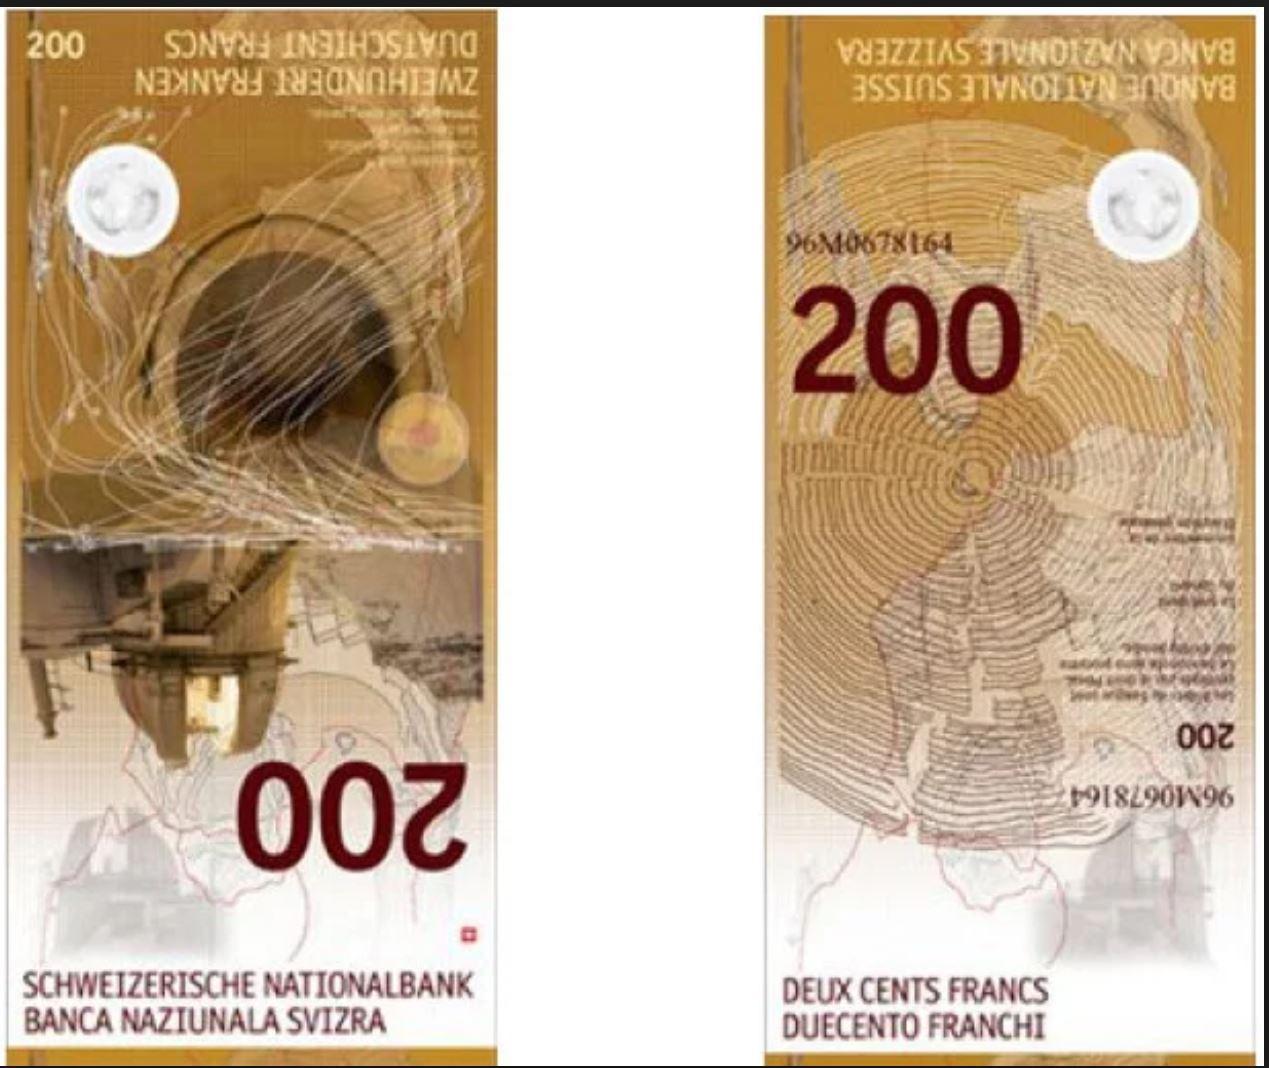 Në gusht vjen bankënota e re 200 frangëshe